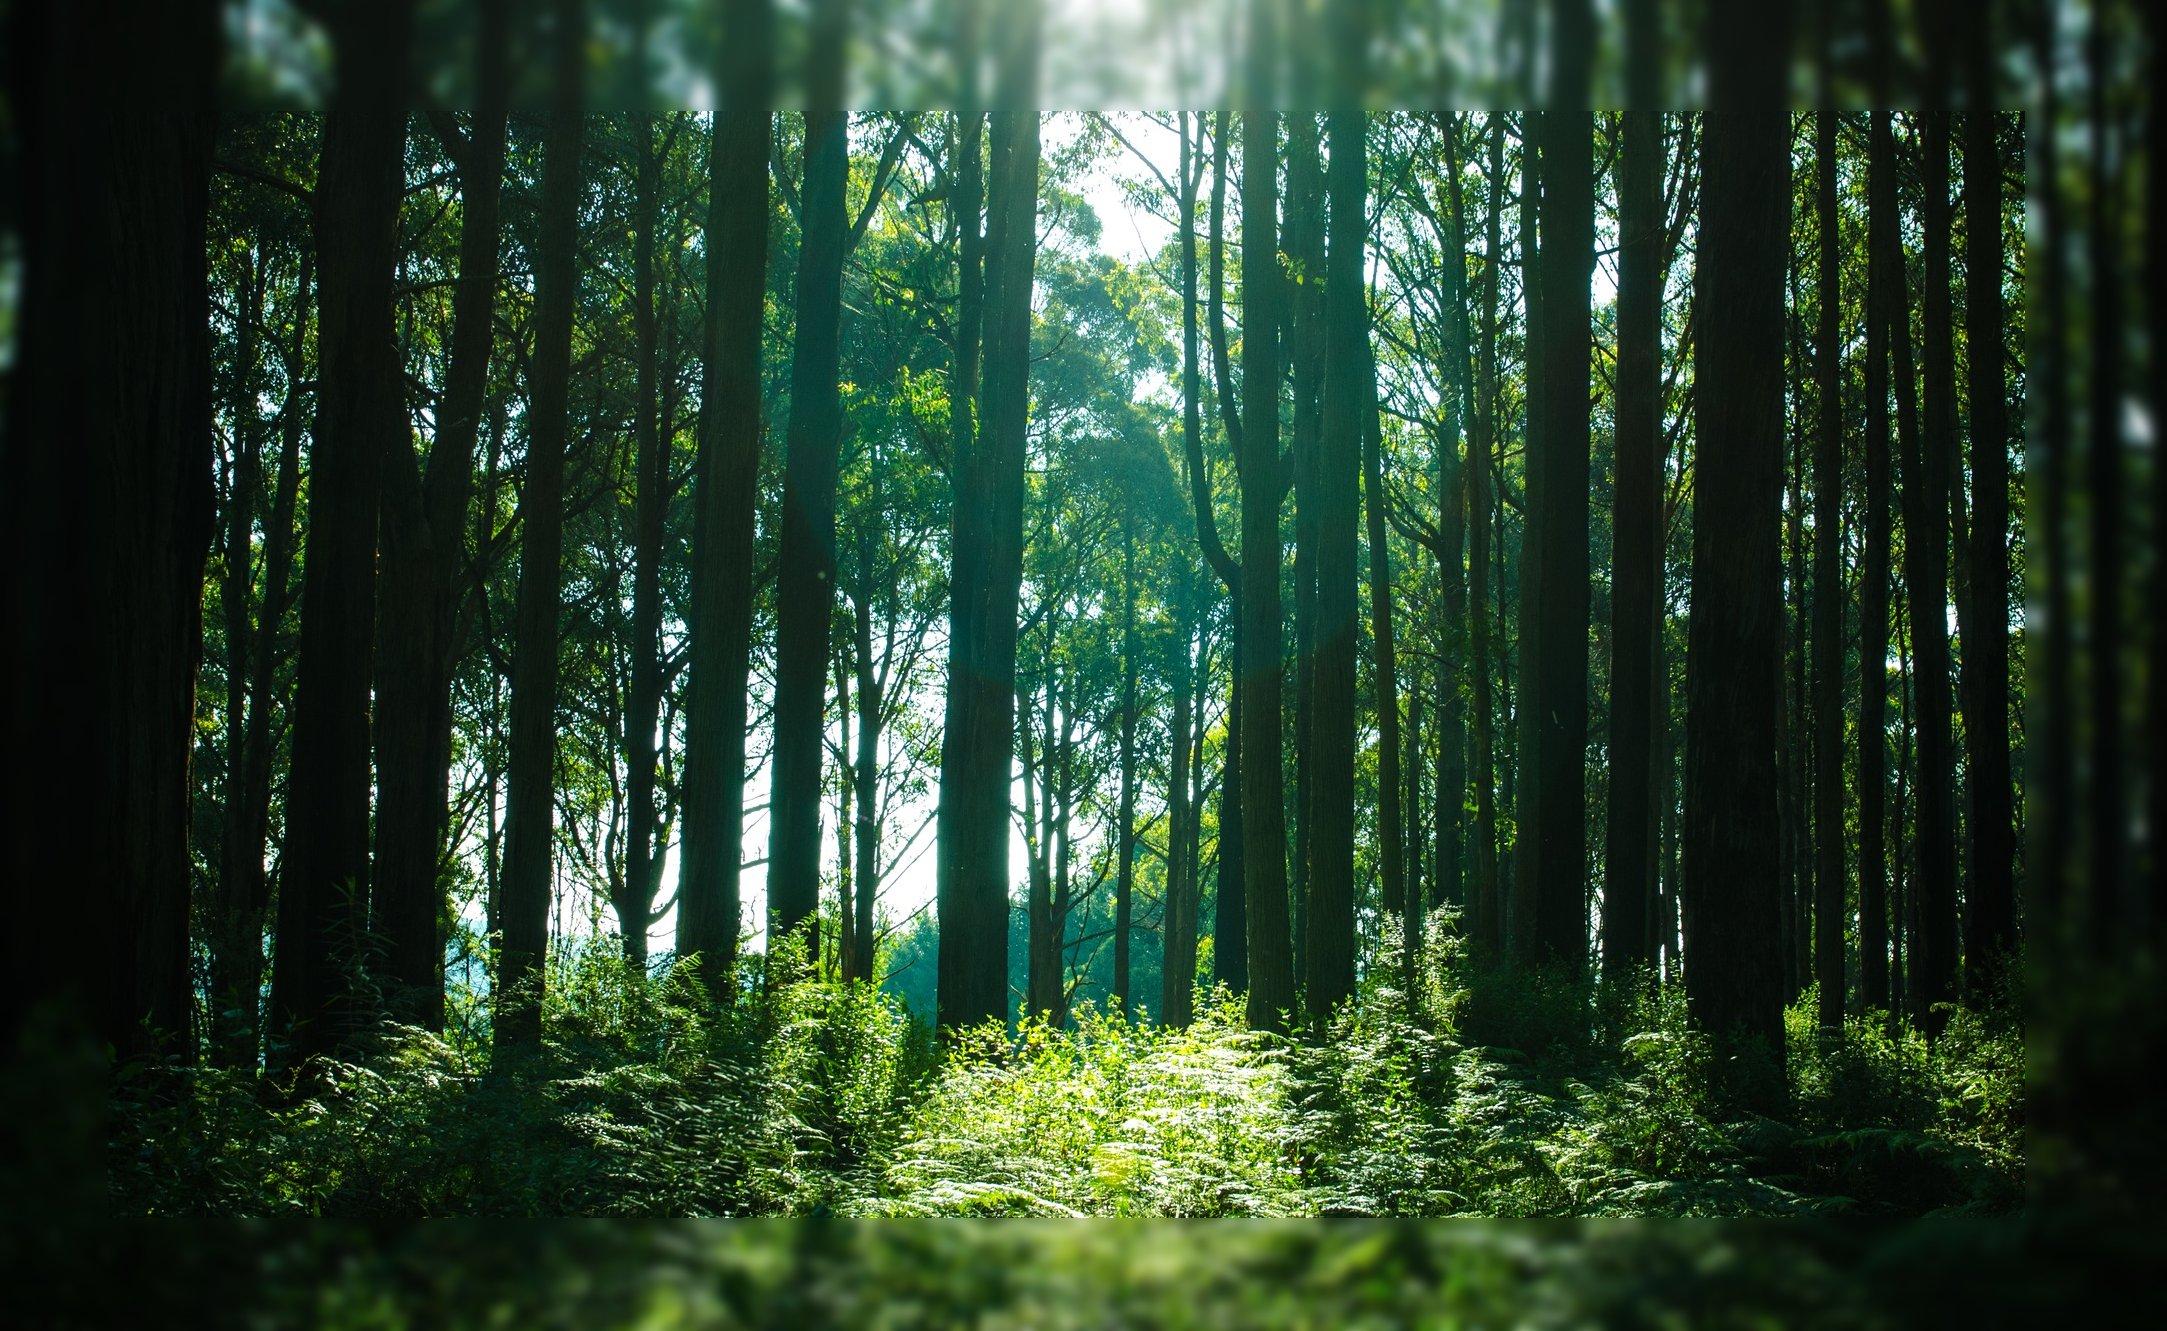 bosque personas perdidas extraviadas encontrar